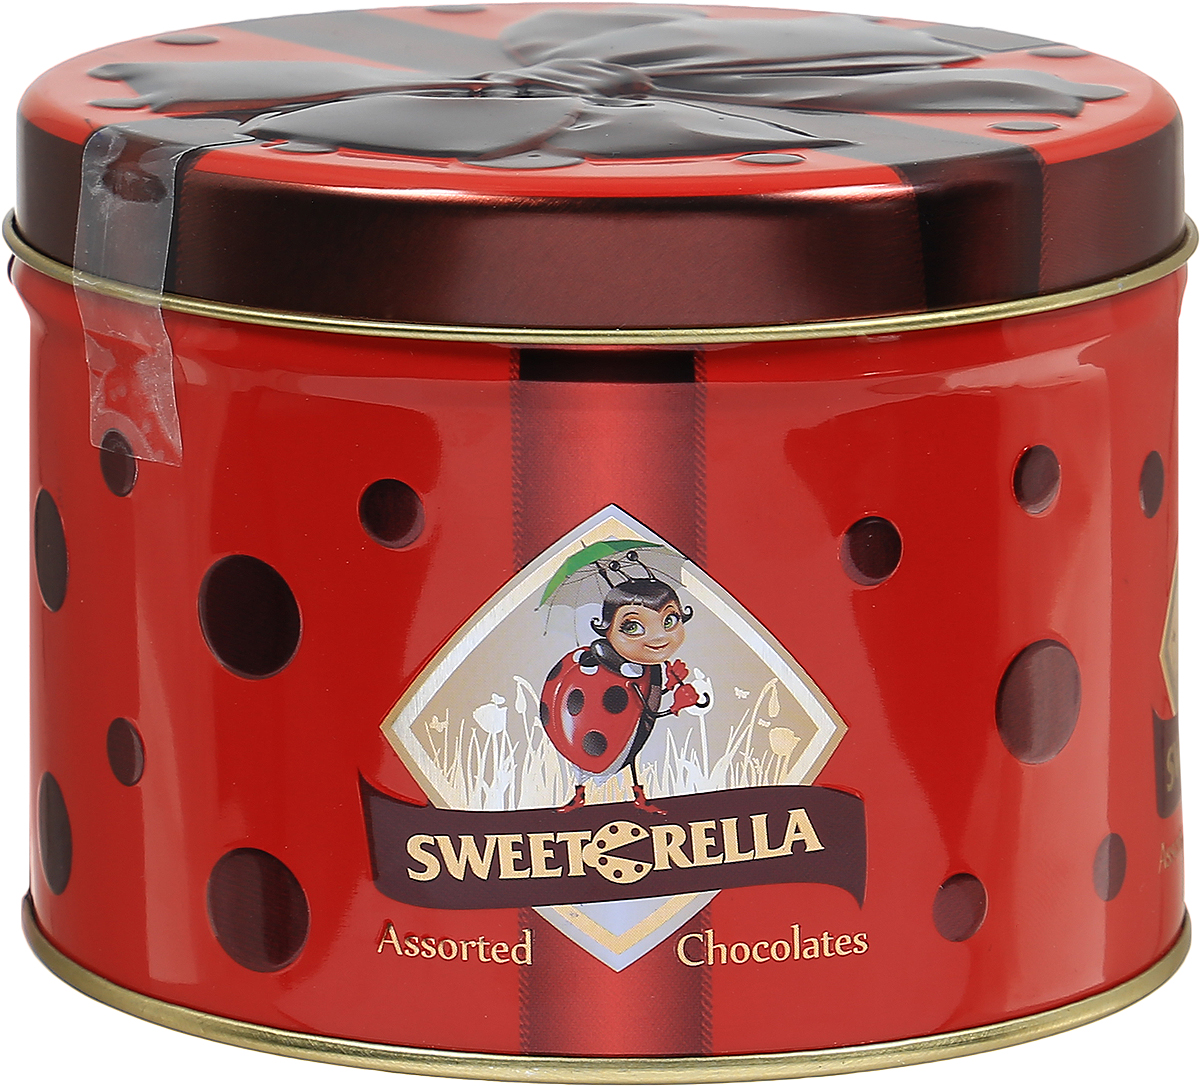 Sweeterella набор шоколадных конфет лепесток желаний, 160 гиба007Весенний набор шоколадных конфет в подарочной жестяной баночке с ярким бордовым бантом. В баночке спрятались конфеты в форме цветов и листиков с нежными перламутровыми оттенками и интересными начинками. Начинки: - виноградная; - апельсиновая; - фисташковая.Уважаемые клиенты! Обращаем ваше внимание, что полный перечень состава продукта представлен на дополнительном изображении.